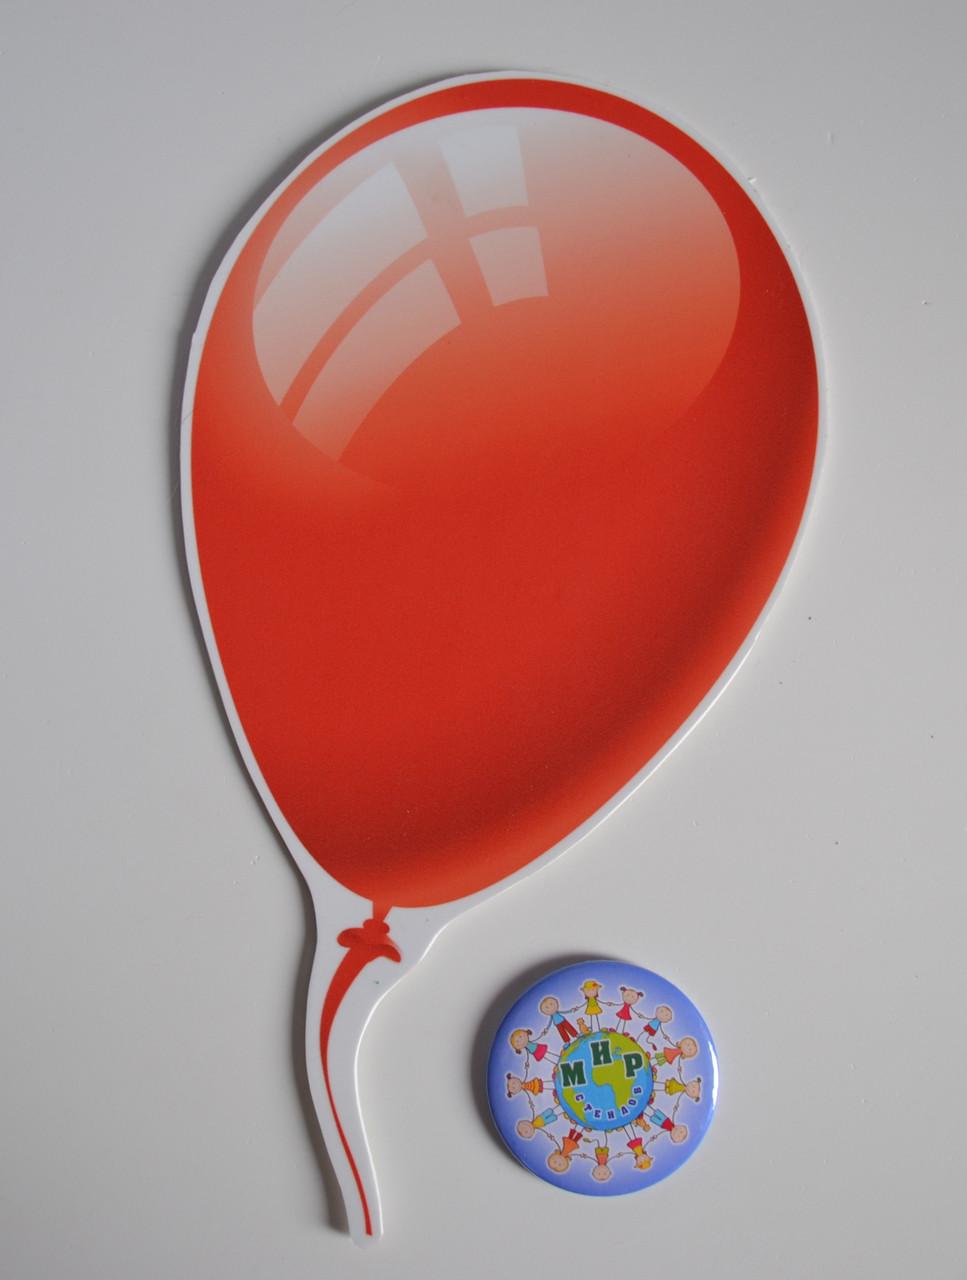 Шарик цветной маленький. Настенная декорация для детского сада.